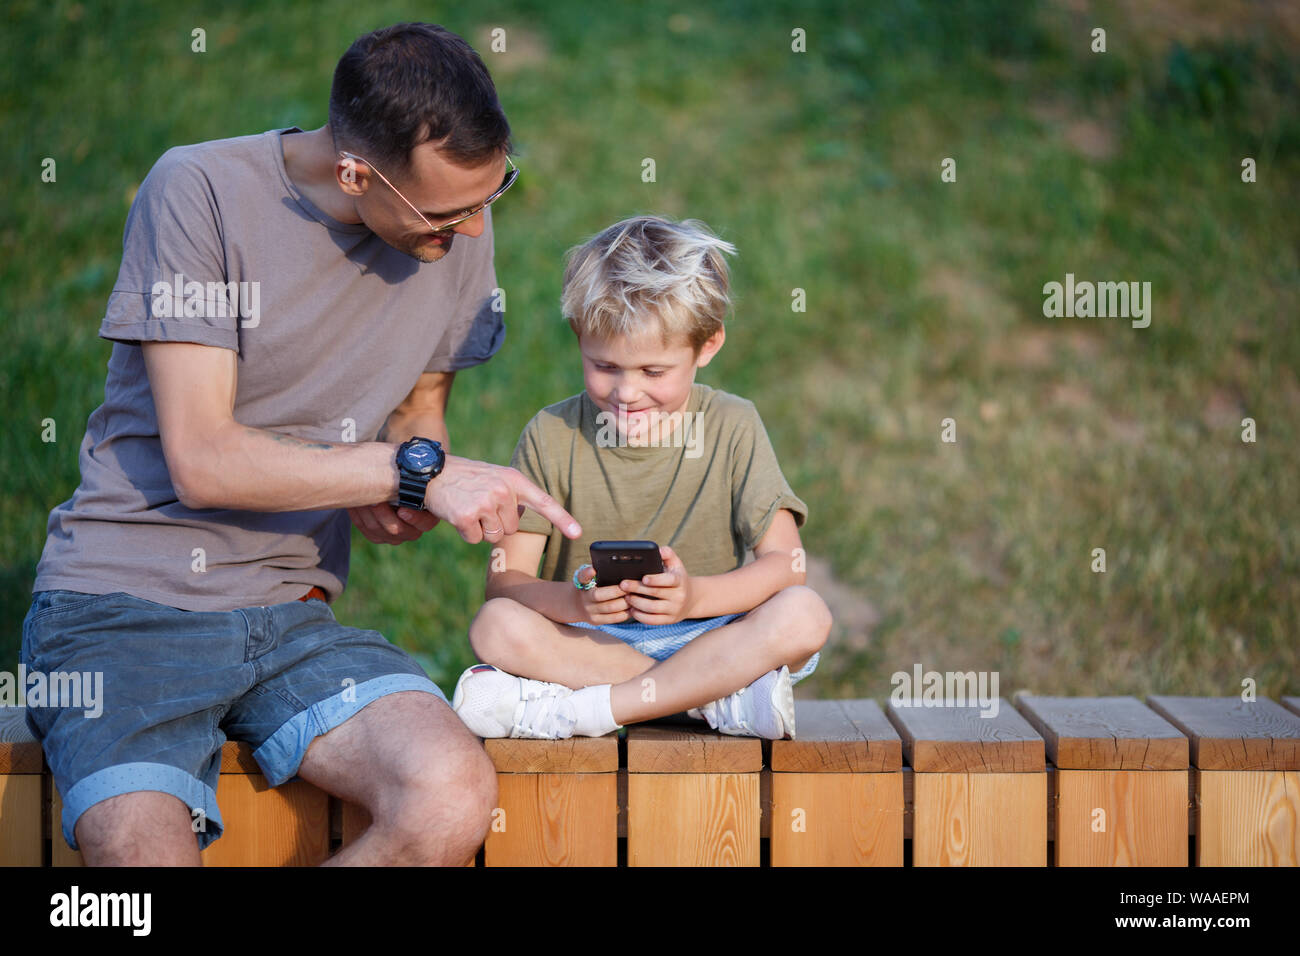 Image de l'homme heureux et garçon avec des téléphones portables dans les mains, assis derrière une clôture en bois park Banque D'Images